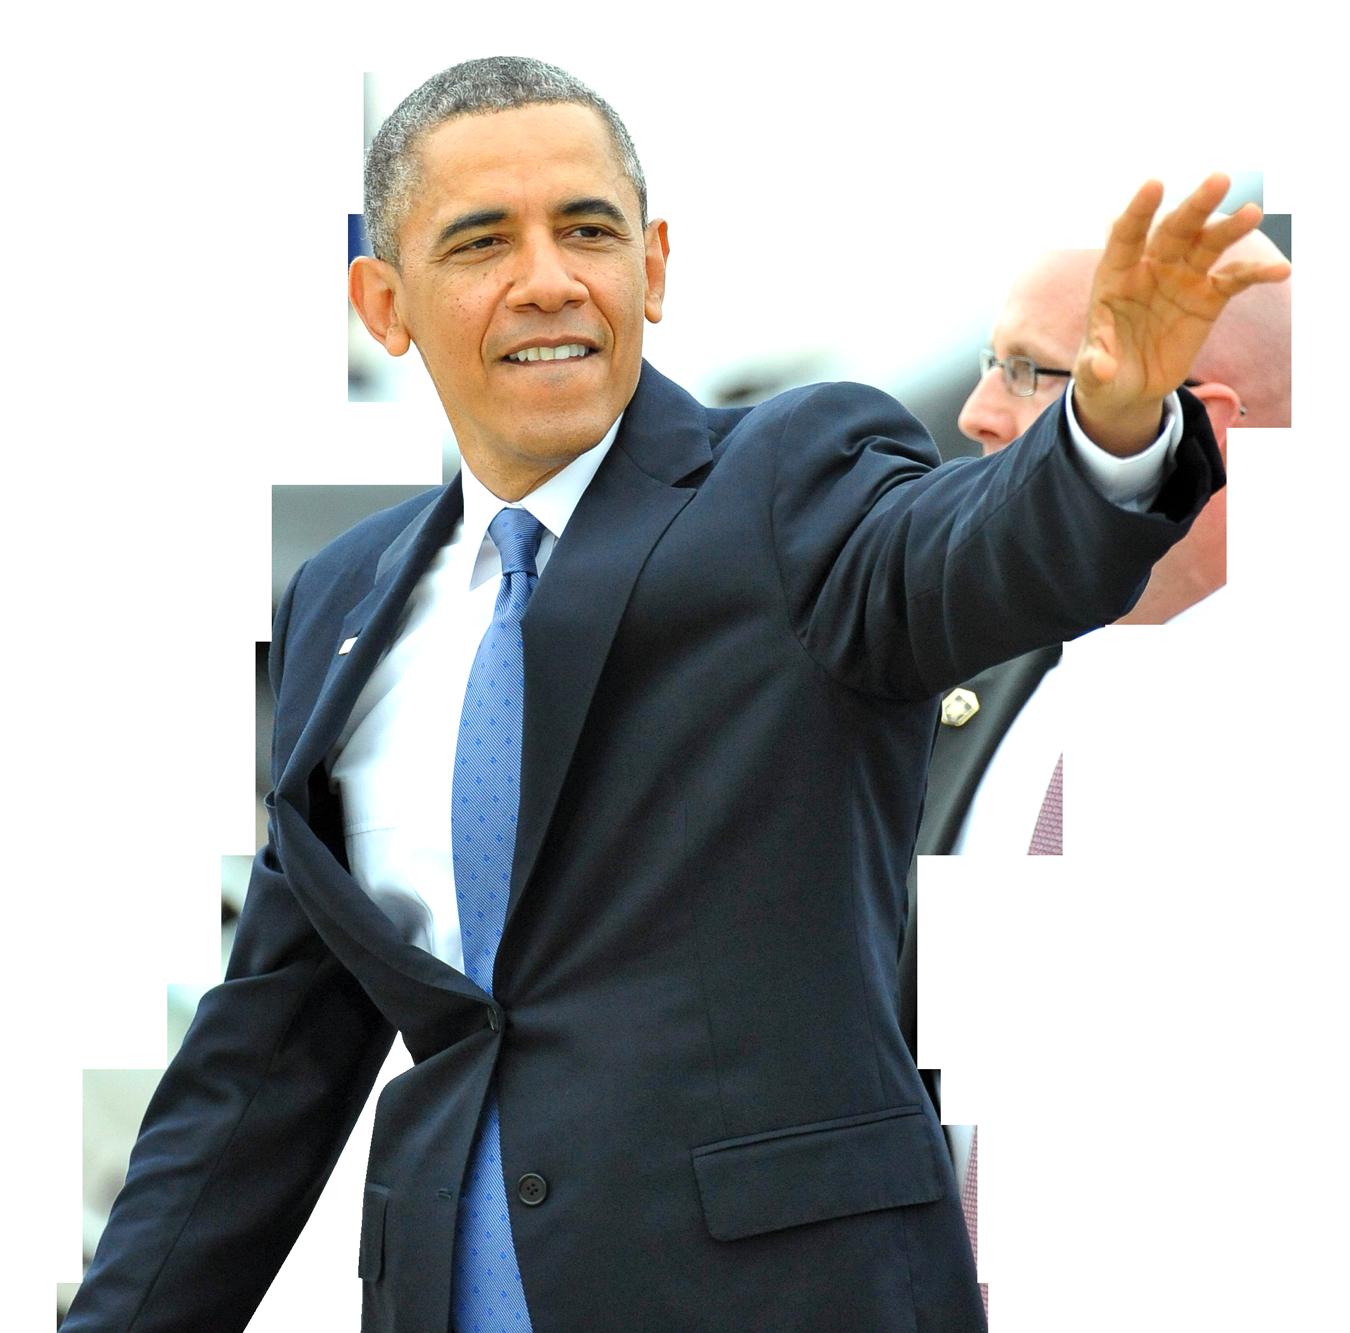 Barack Obama PNG - 857